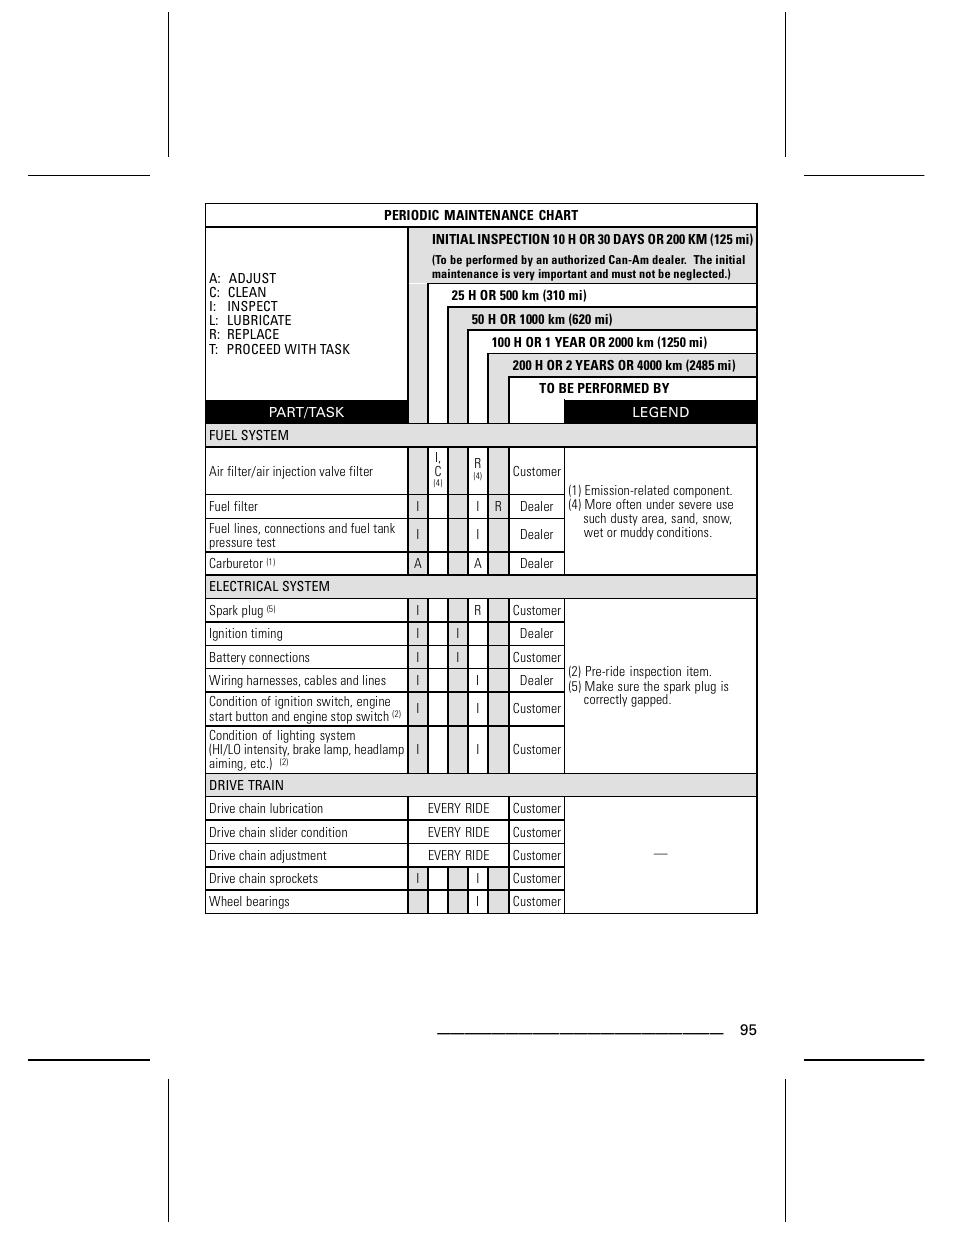 can am ds 250 diagram data wiring diagrams u2022 rh 104 248 8 211